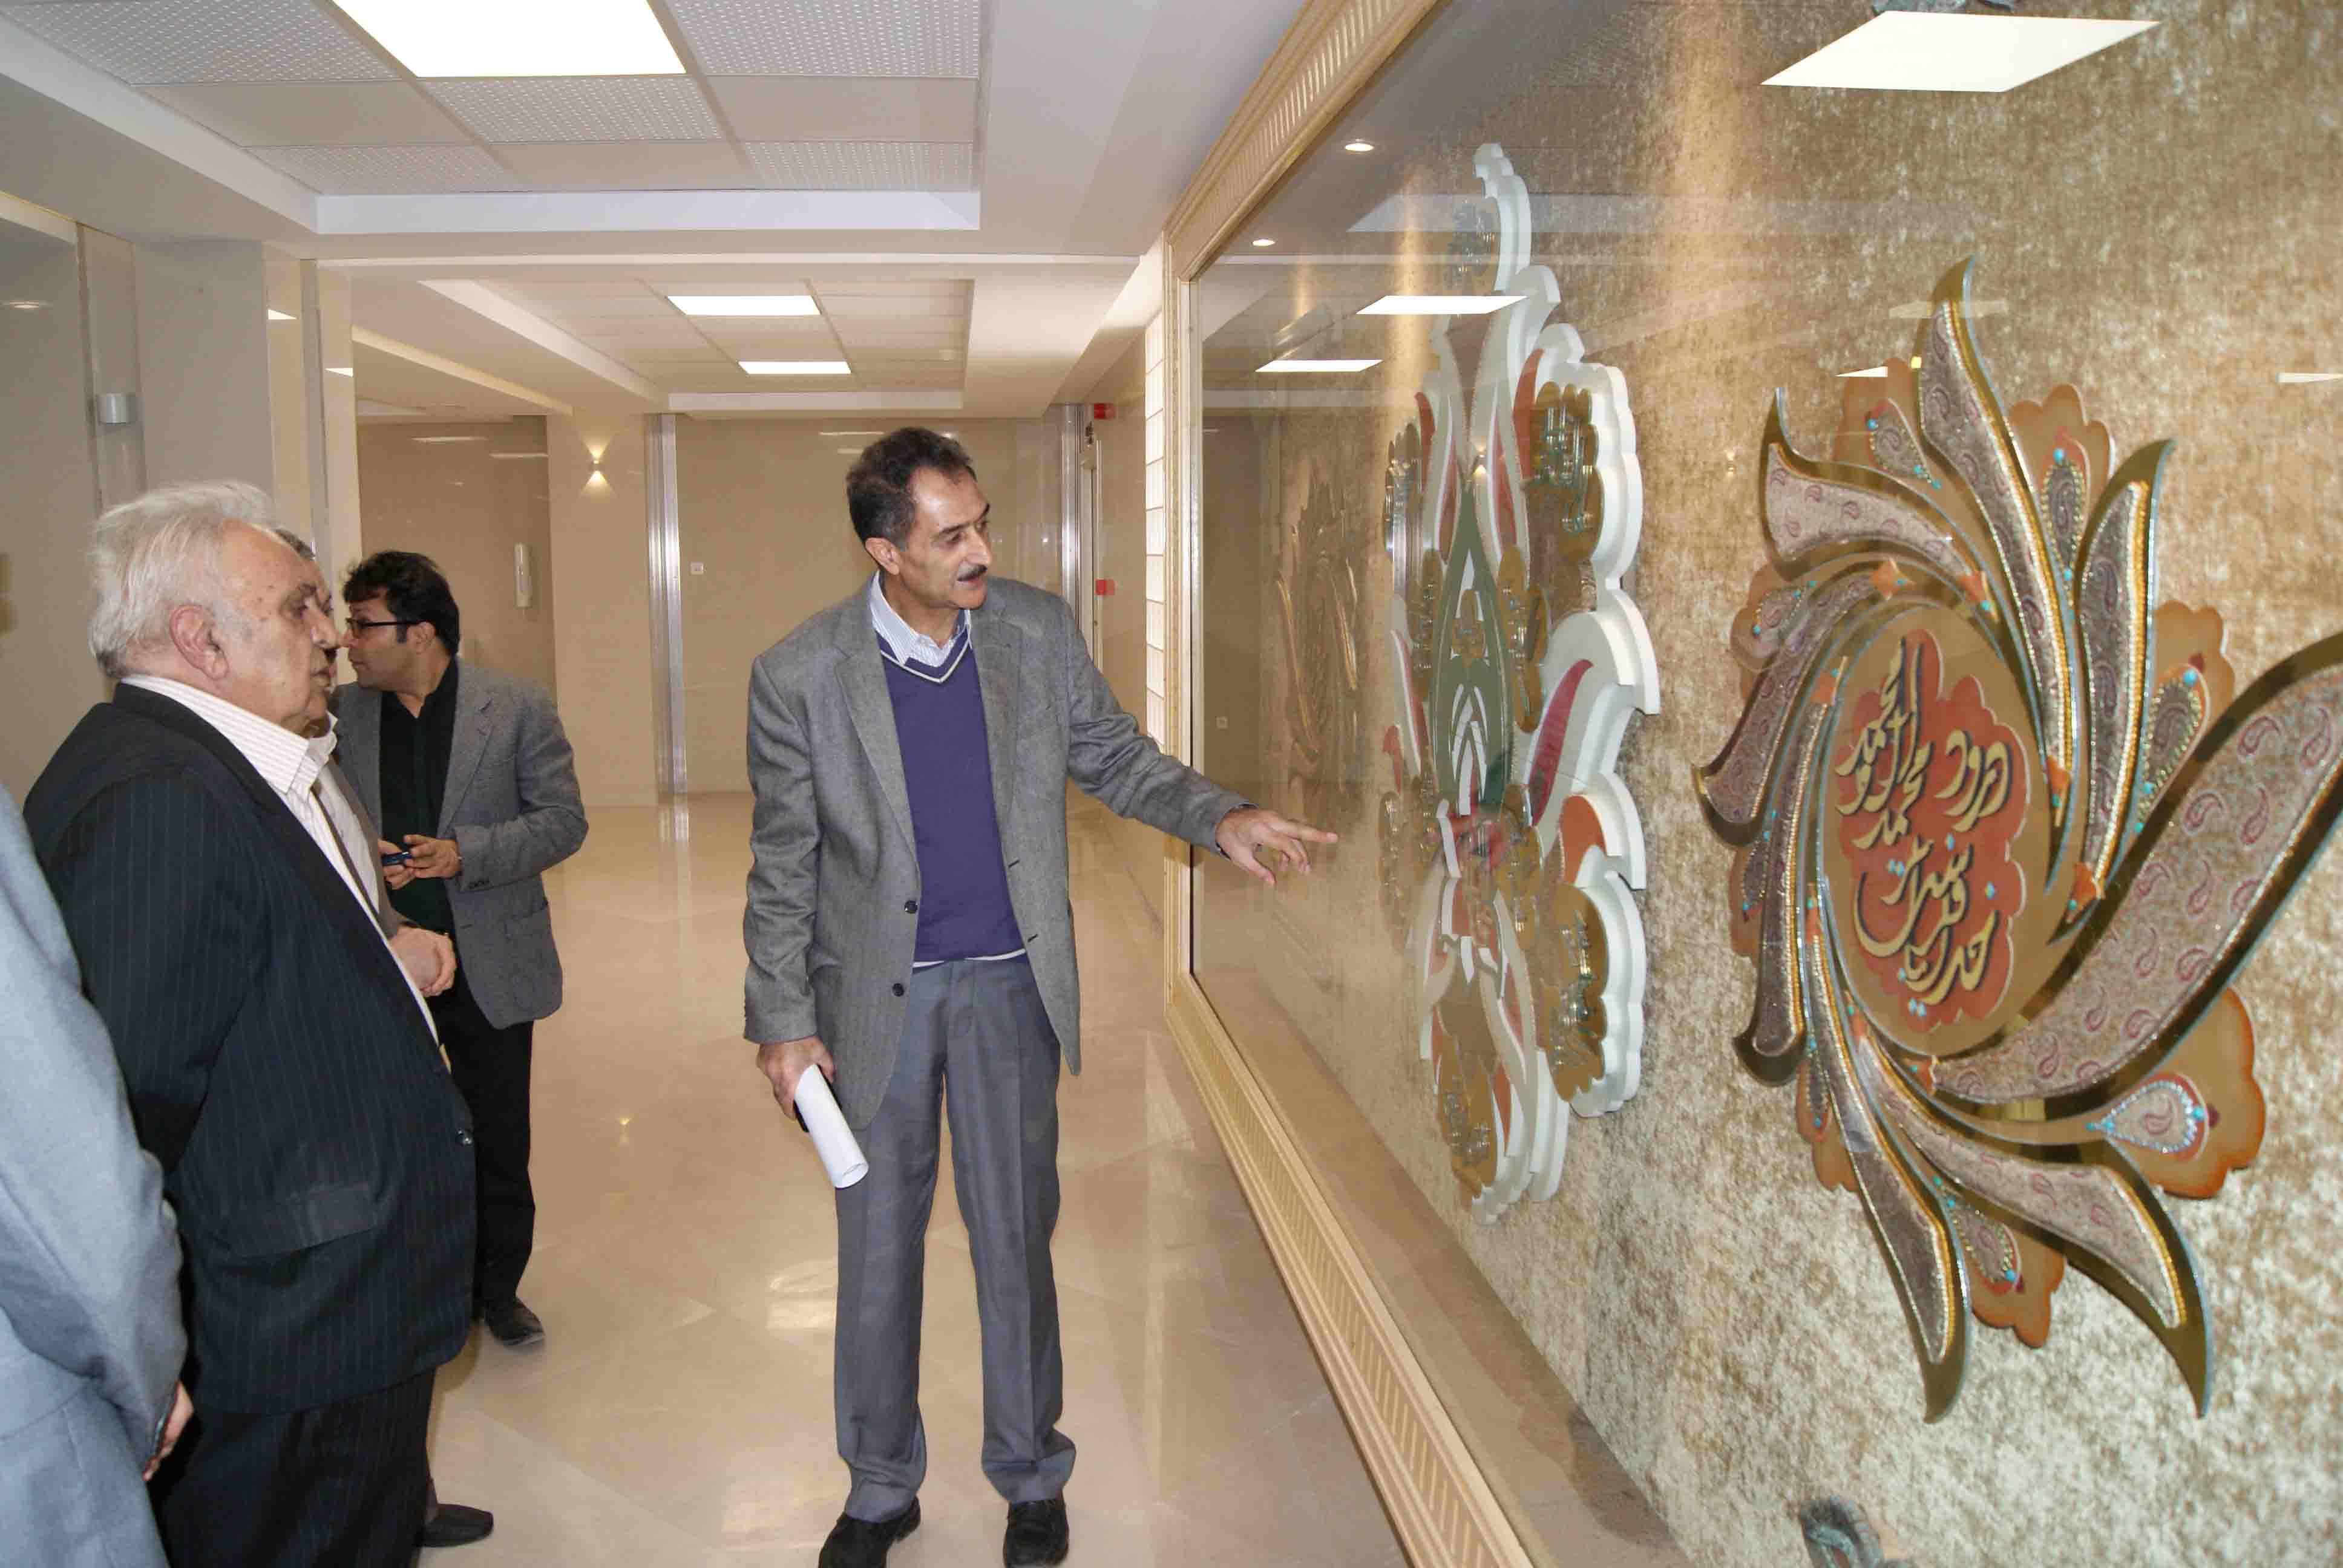 گزارش تصویری  بازدید مهندس محمدحسن خرازیان از بیمارستان ایران مهر